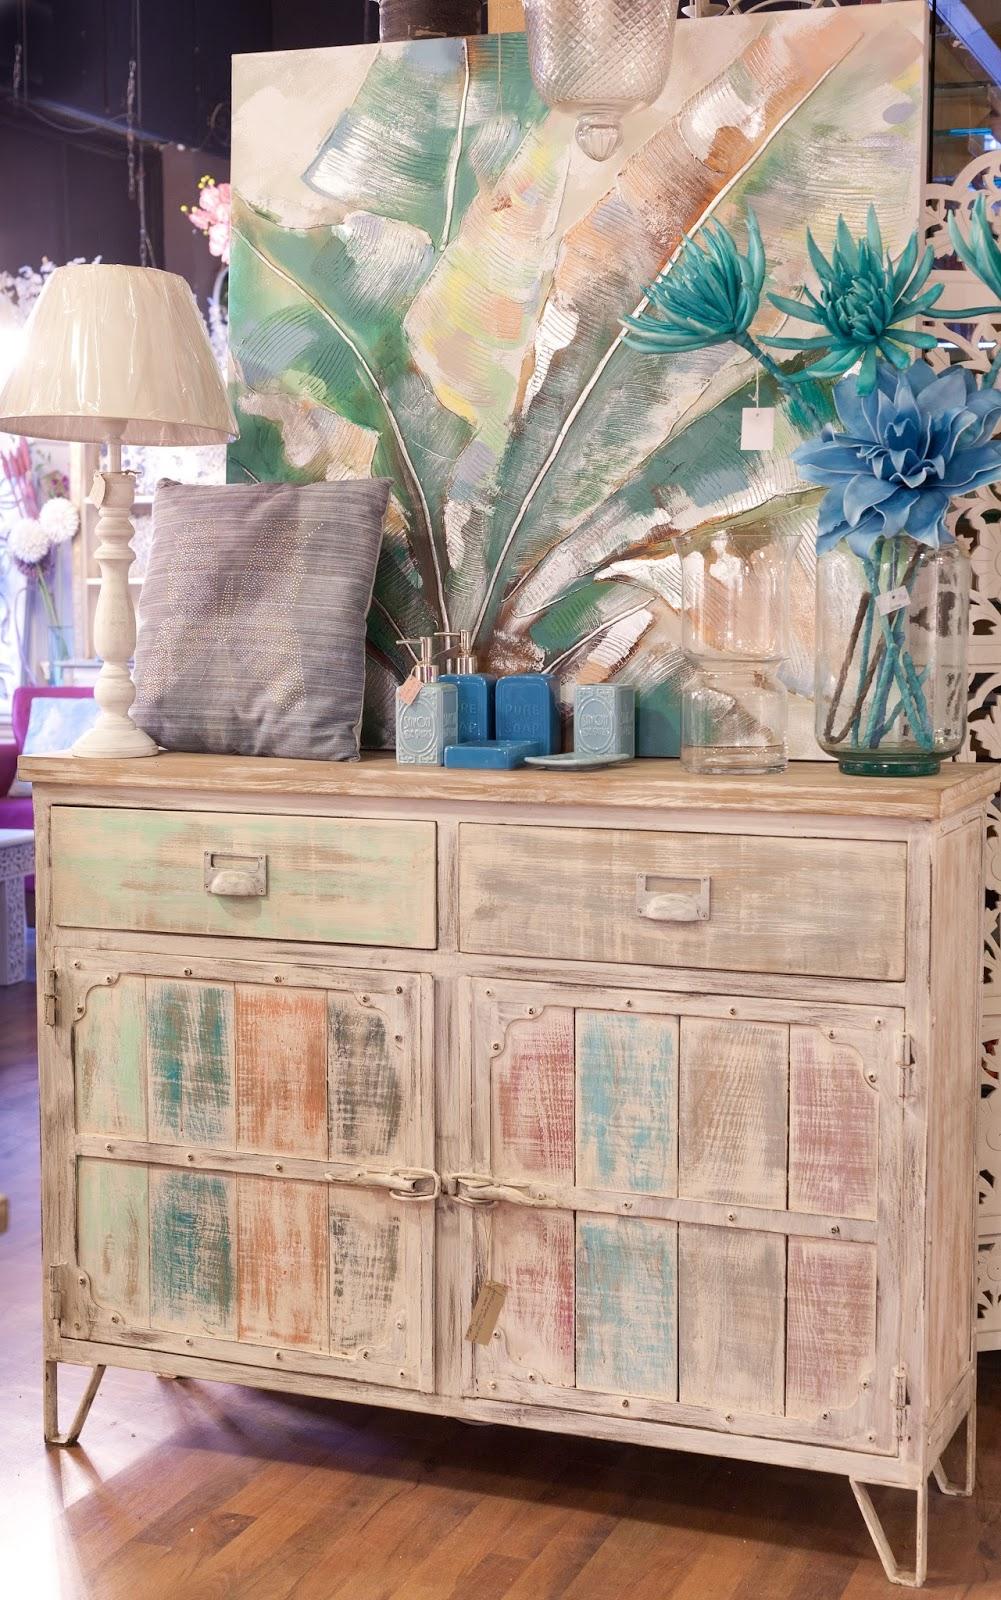 Katatori Interiores La Vie En Rosa Y Turquesa  # Muebles Turquesa